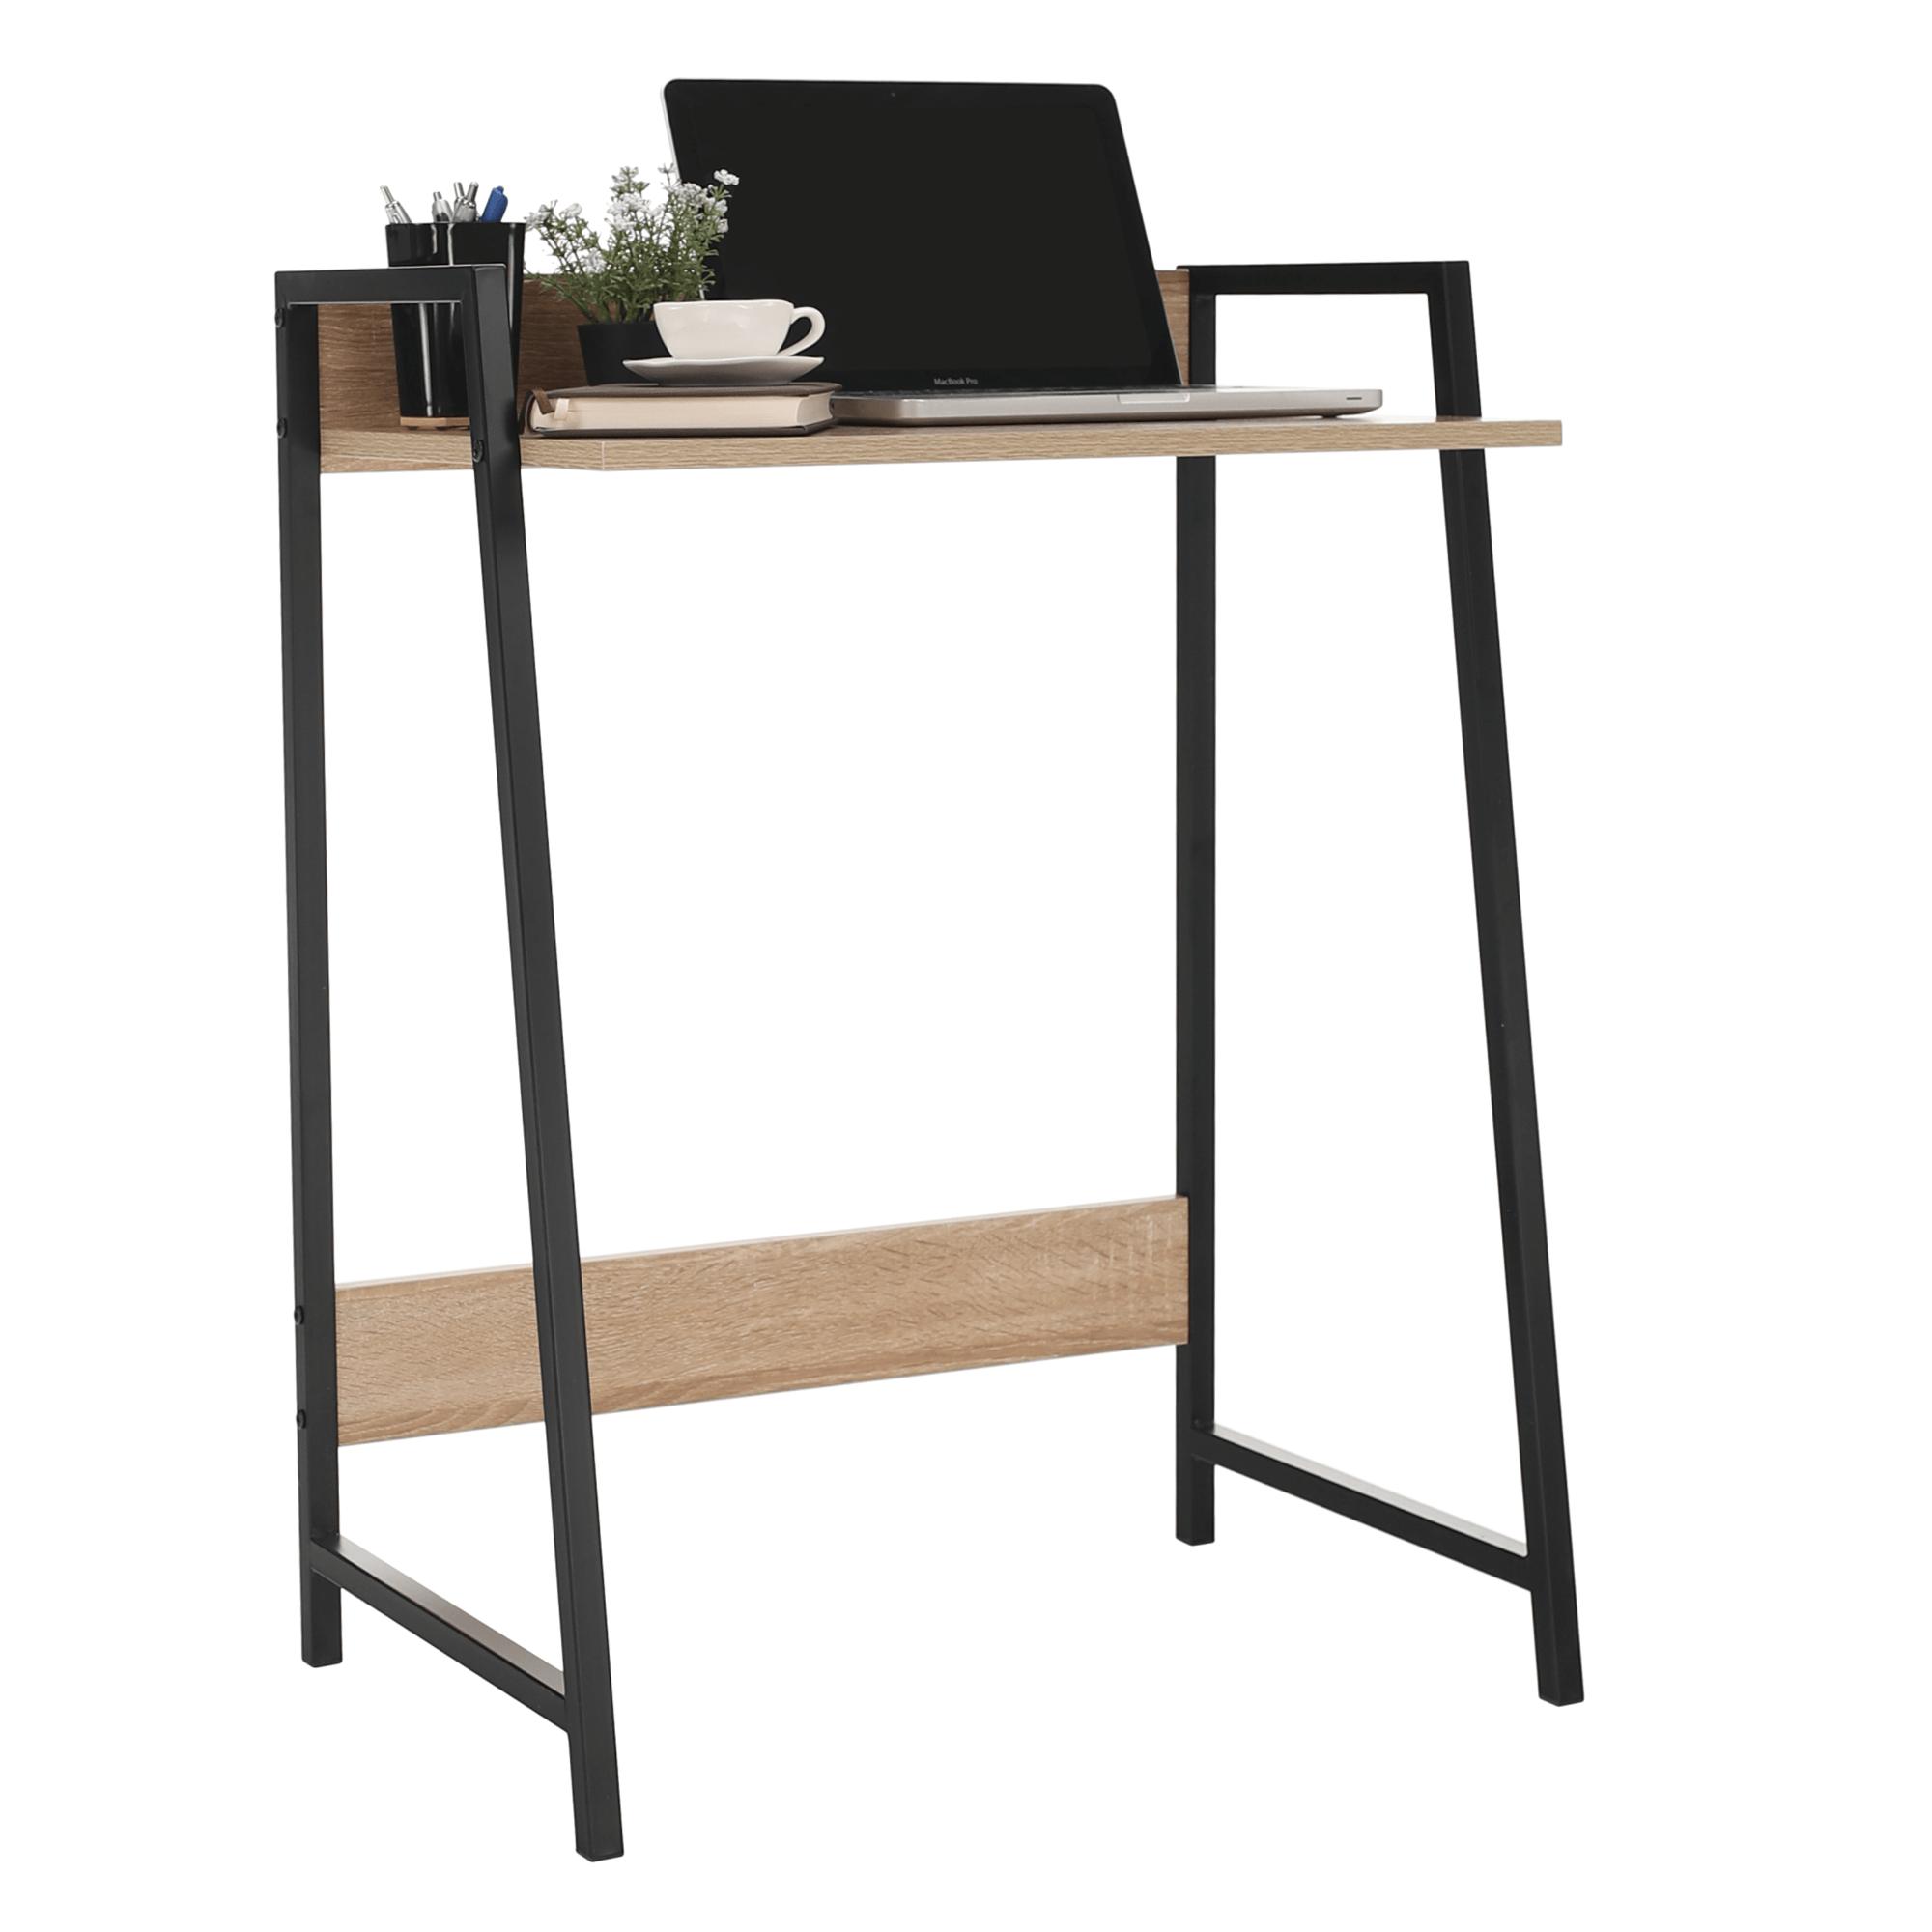 Számítógépasztal, sonoma tölgy/fekete, LAVSON